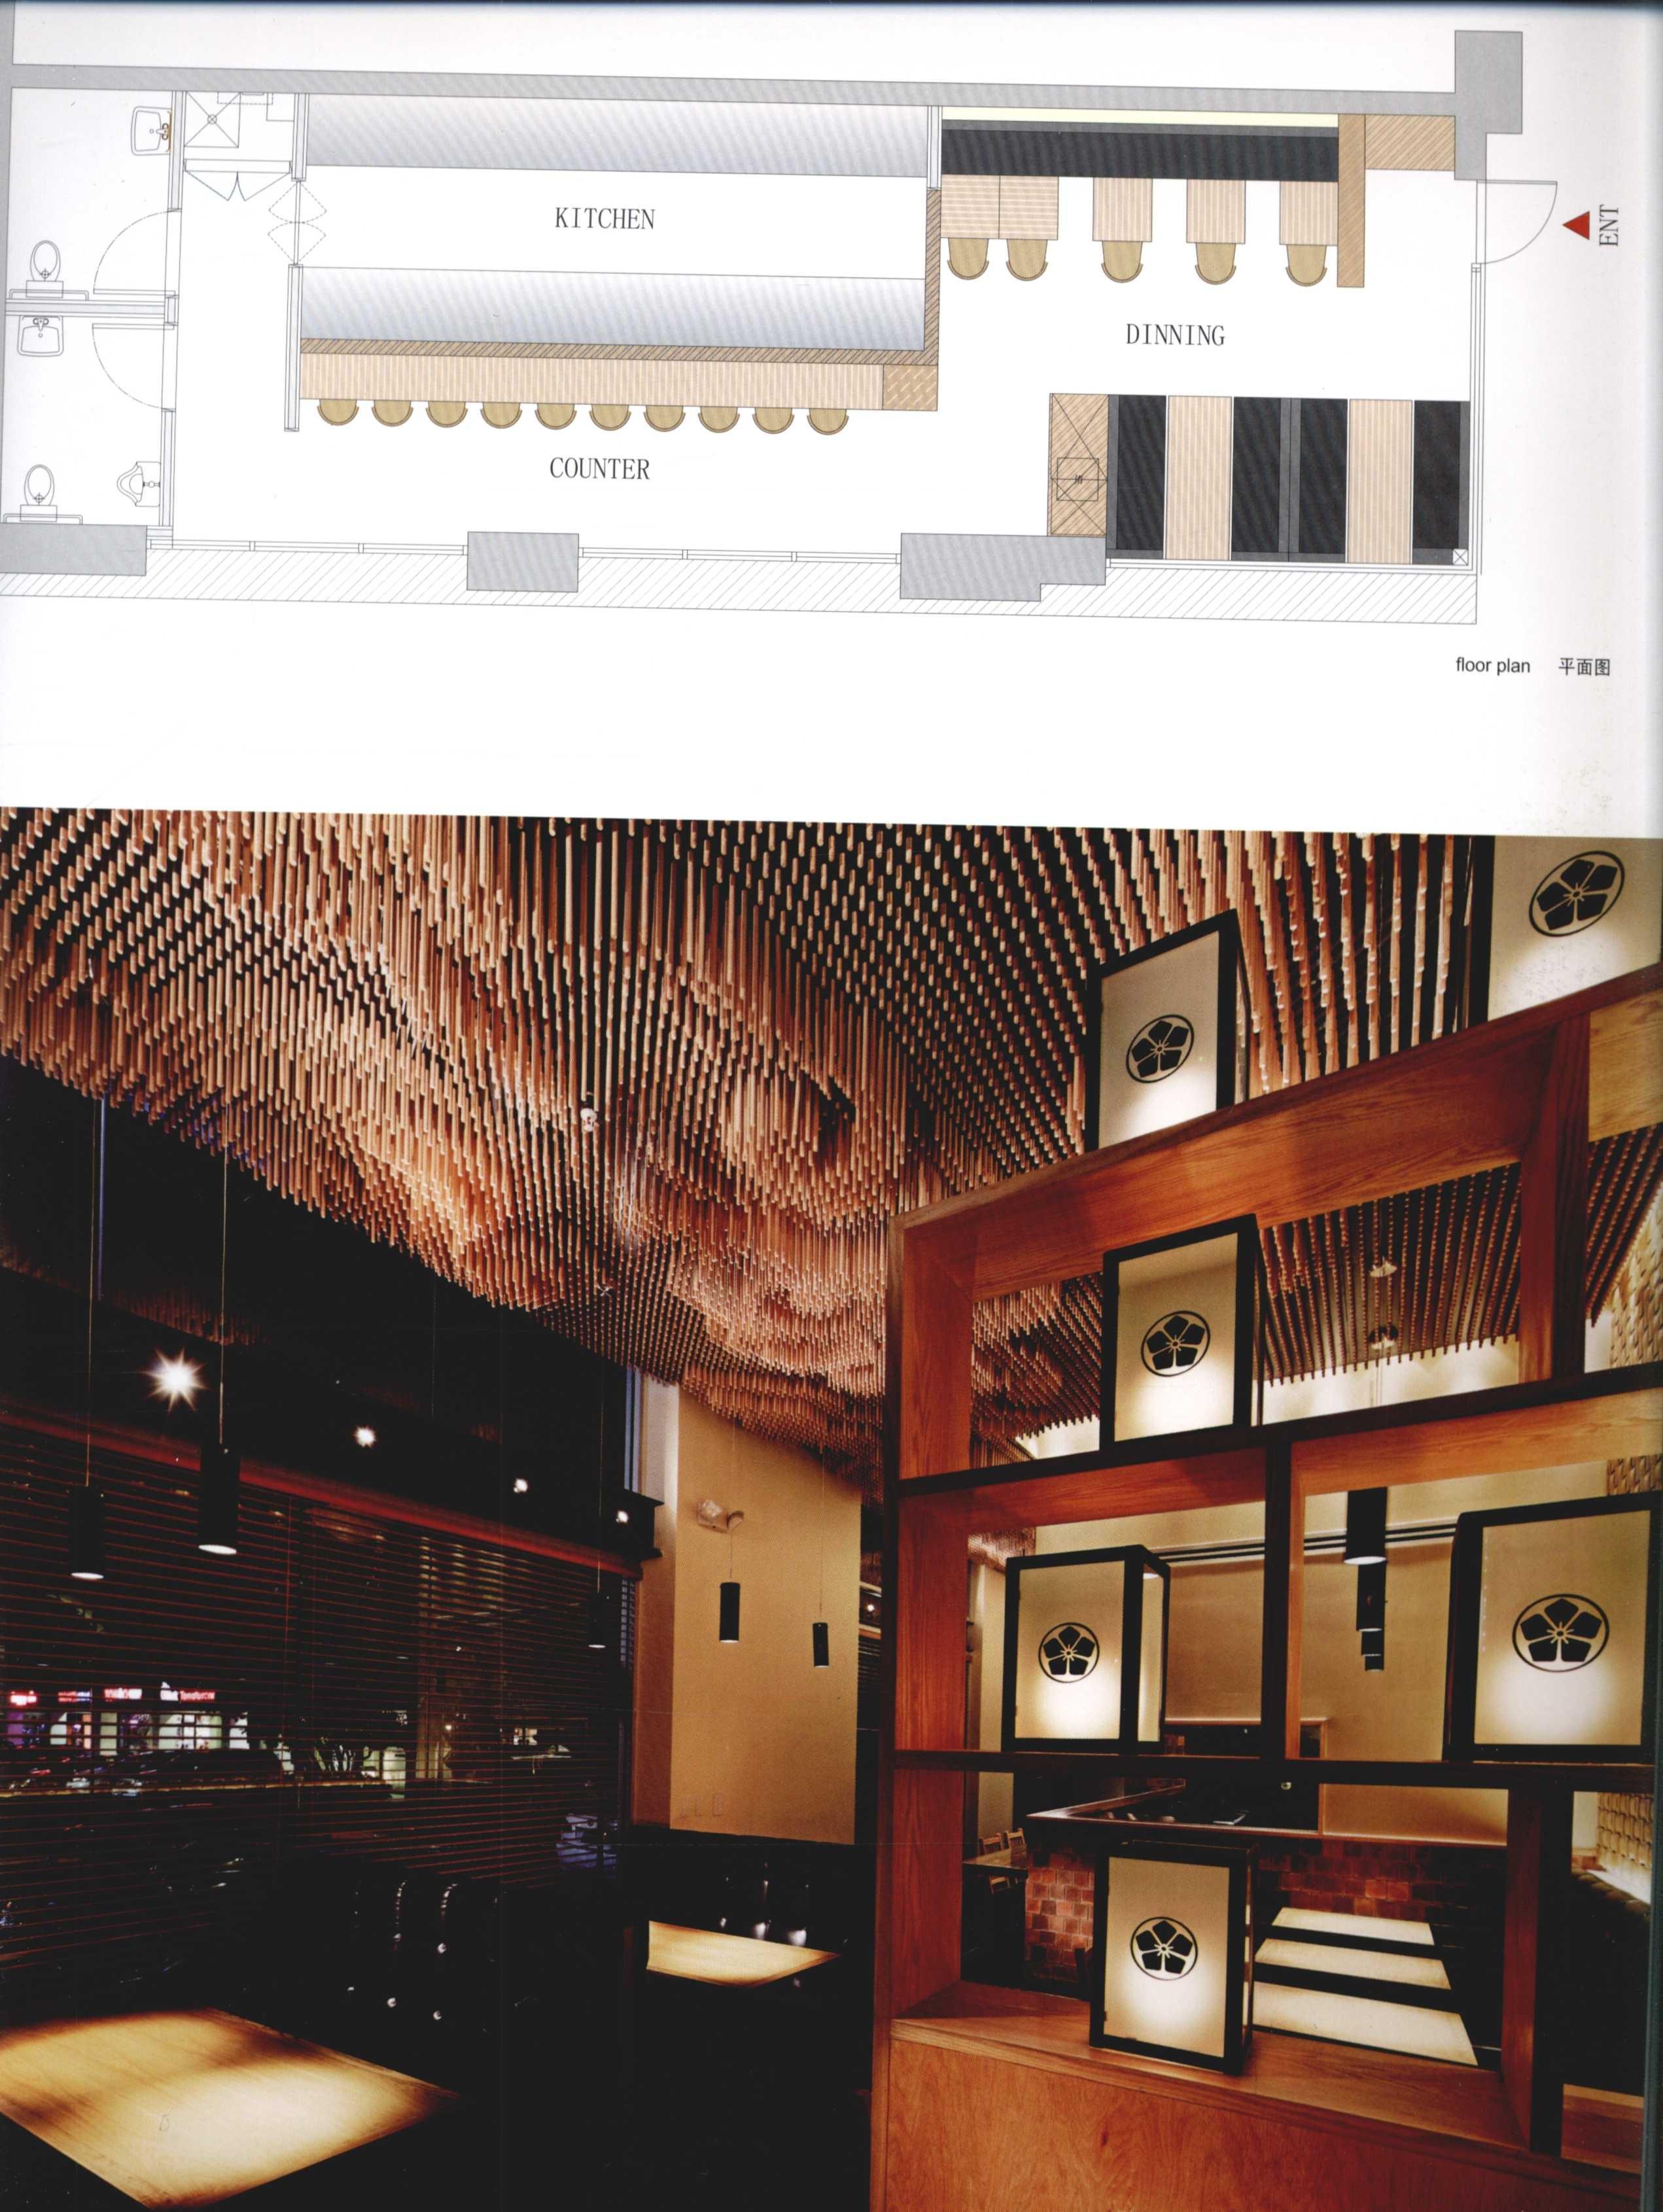 2012全球室内设计年鉴  餐饮_Page_221.jpg